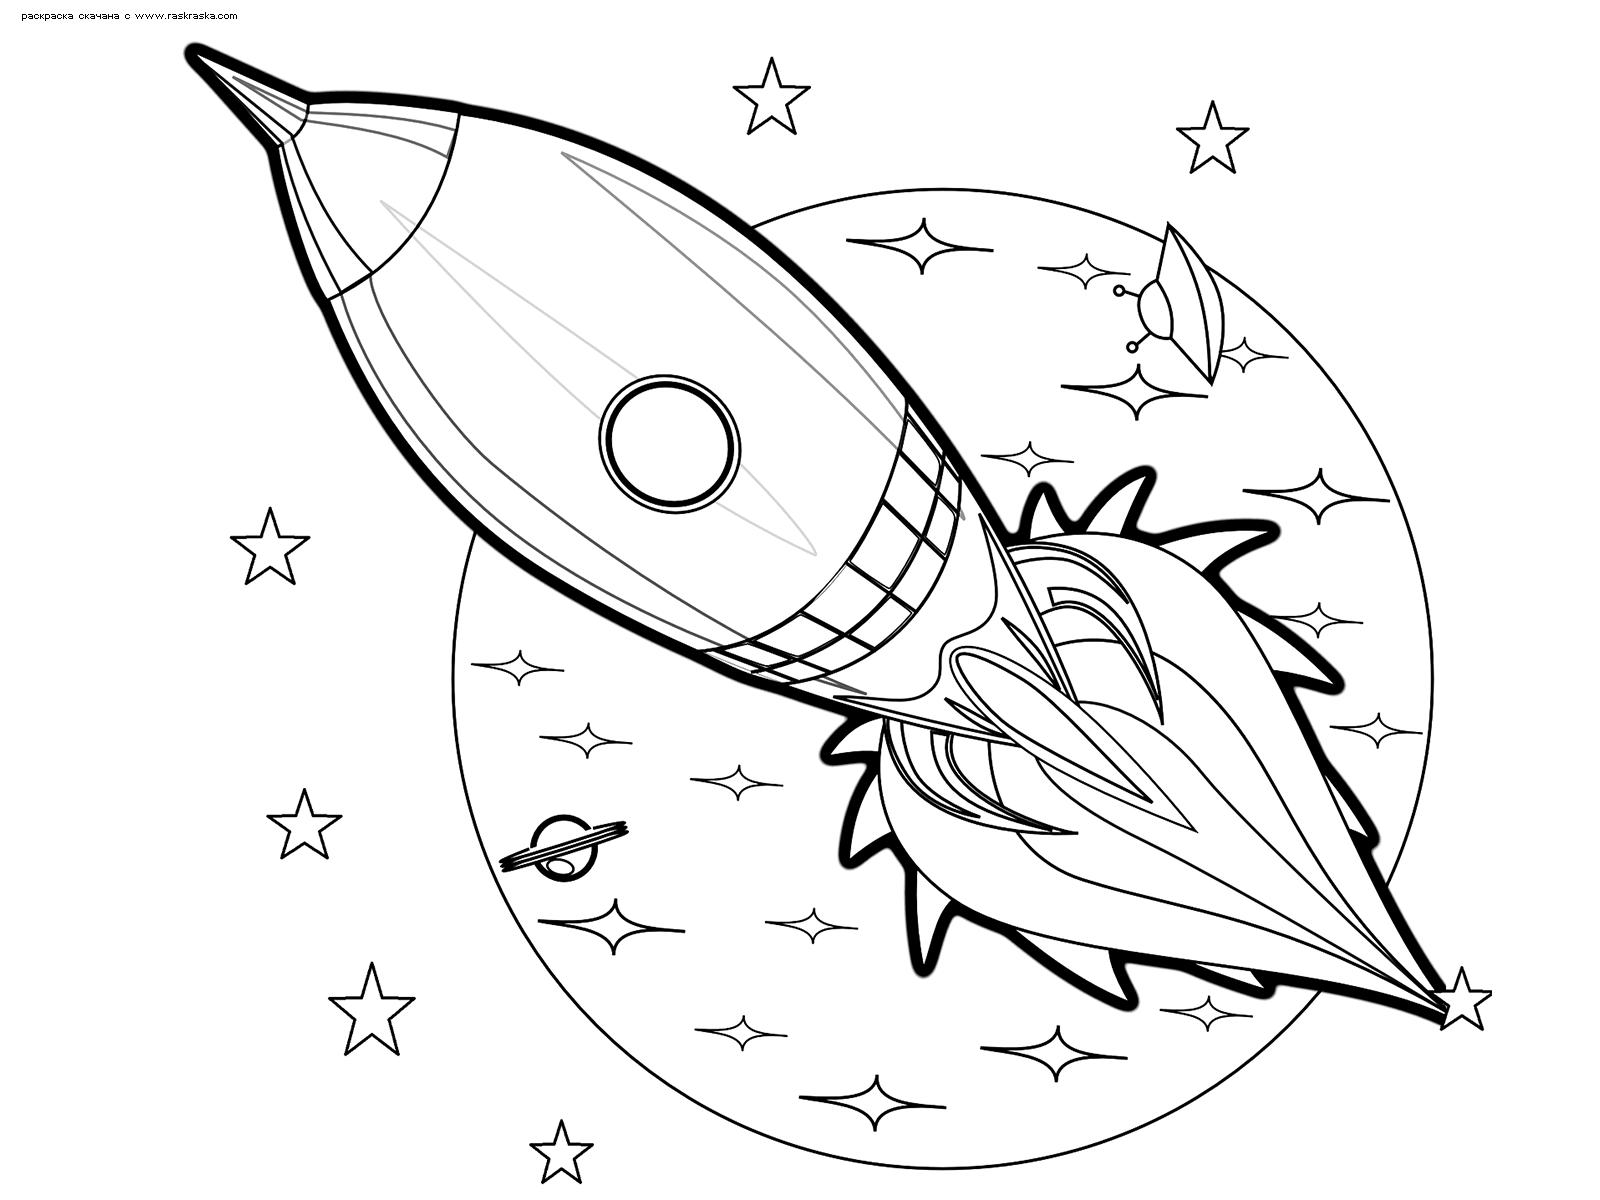 Раскраска Космическая ракета. Раскраска ракета